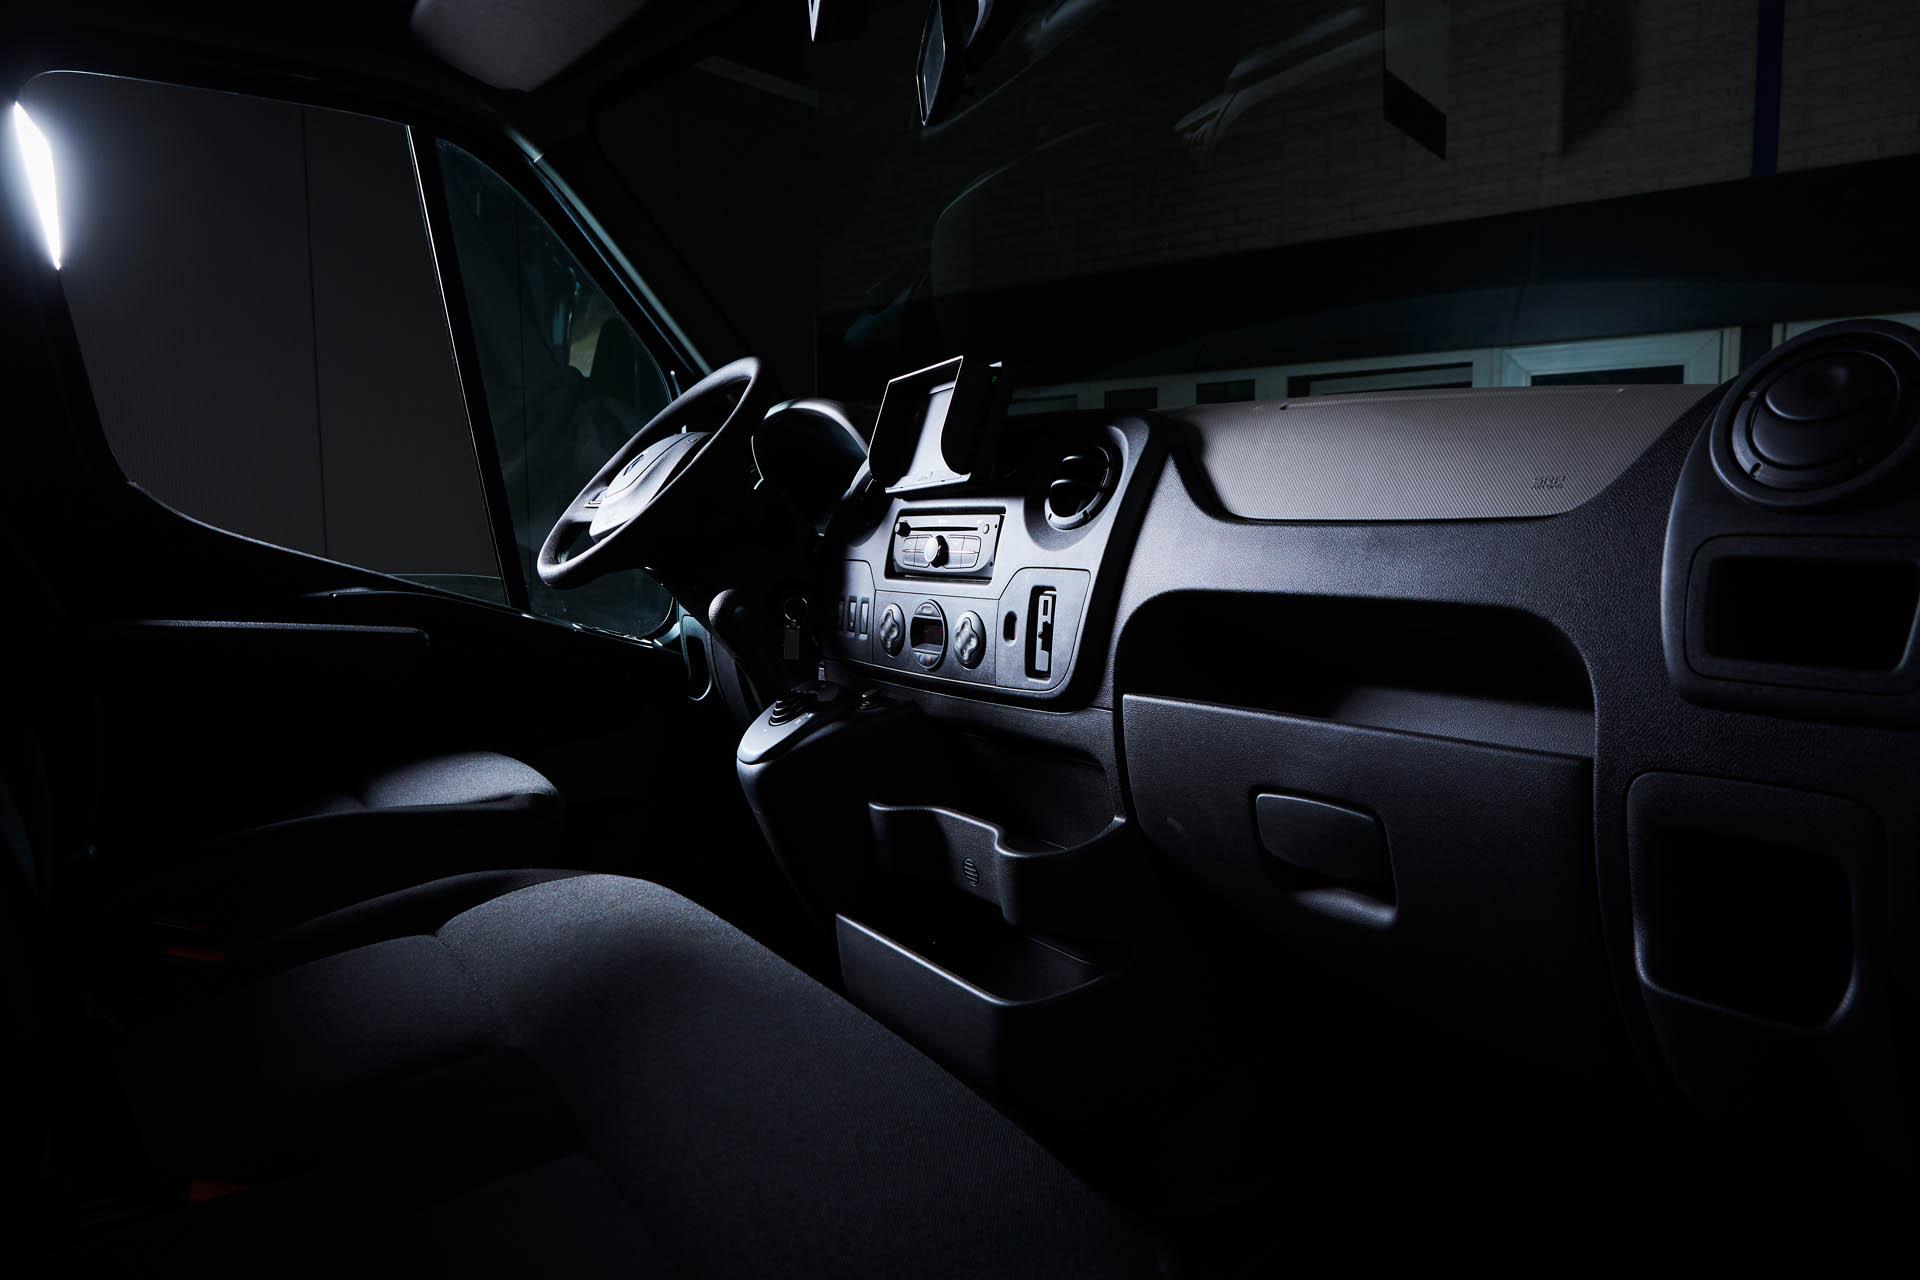 paardenvrachtwagen renault master sodiak voor rijbewijs b cabine zwarte bekleding